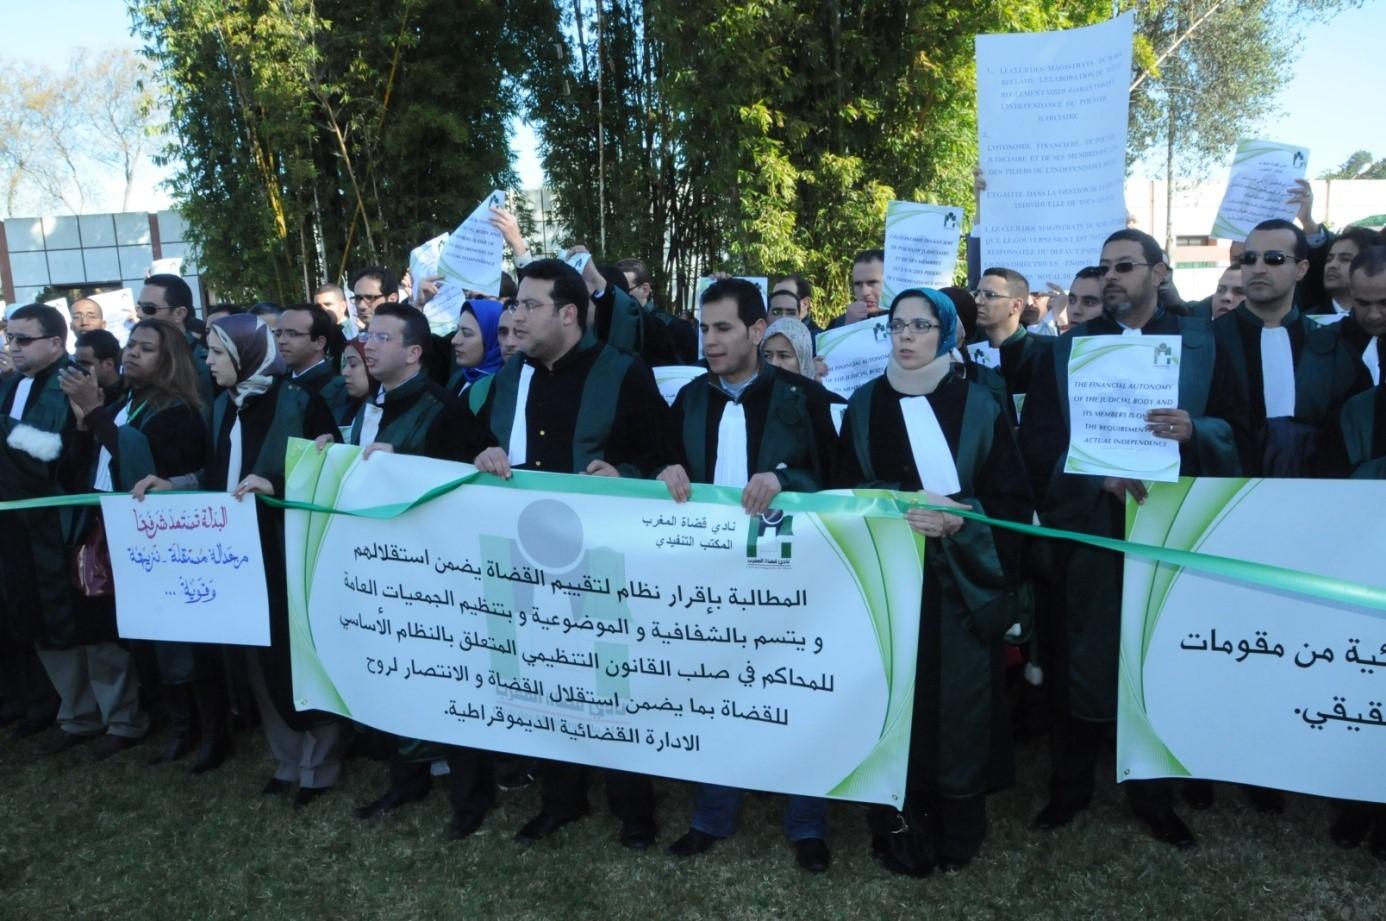 نادي قضاة المغرب يطلق مبادرة لتخفيف عبء تحرير الأحكام عن القضاة